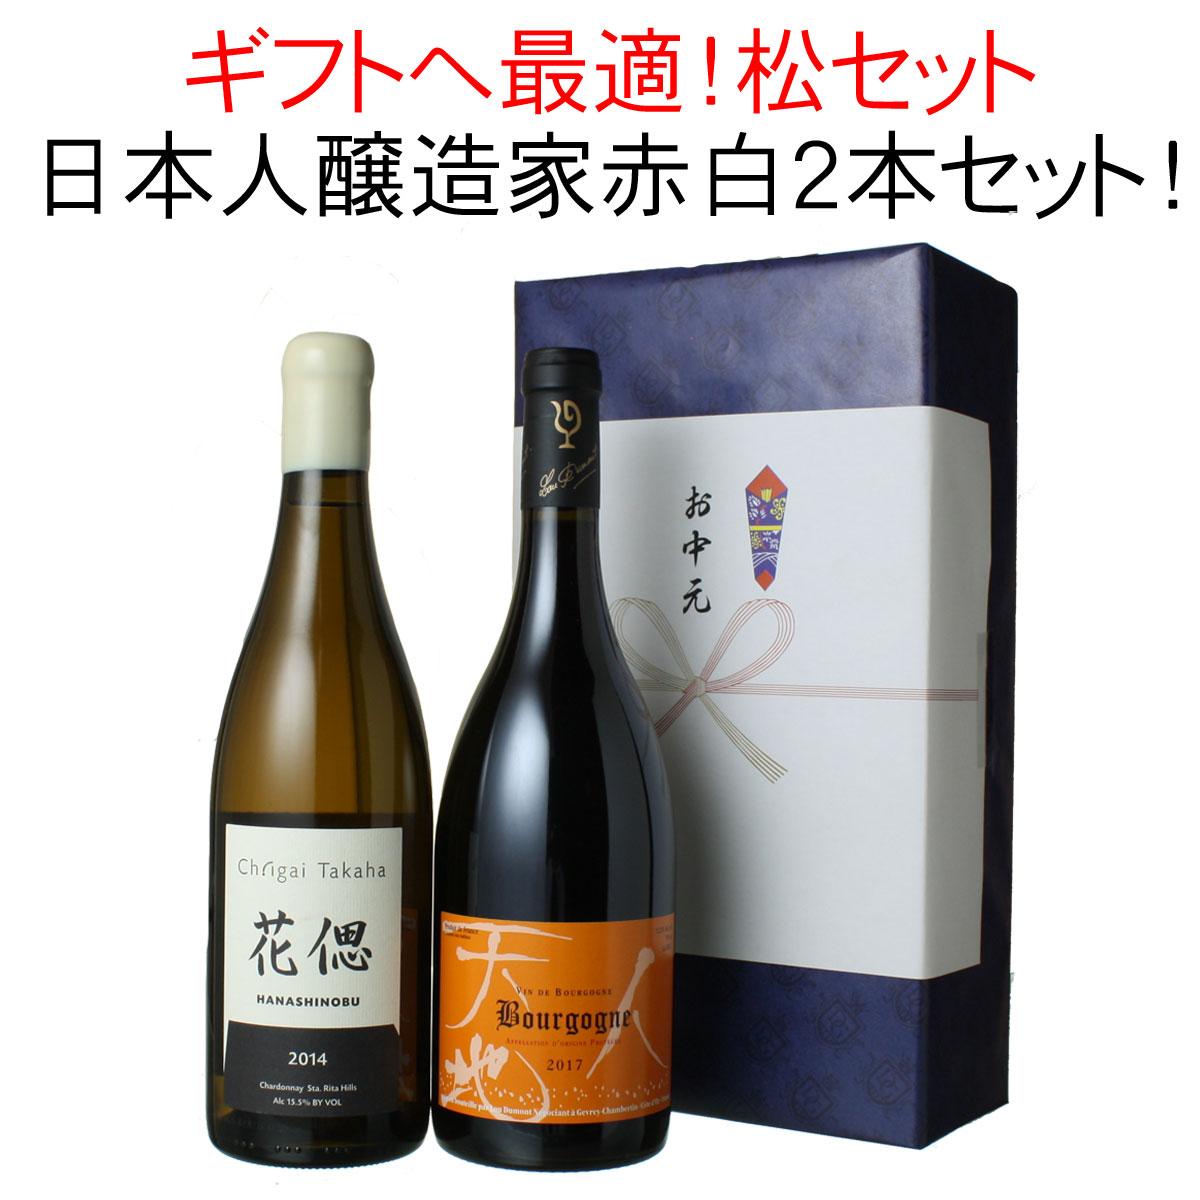 【送料無料】お中元 限定ギフト 松セット 「和の心」が詰まった、日本人醸造家の極上 2本セット 【沖縄・離島は別料金加算】